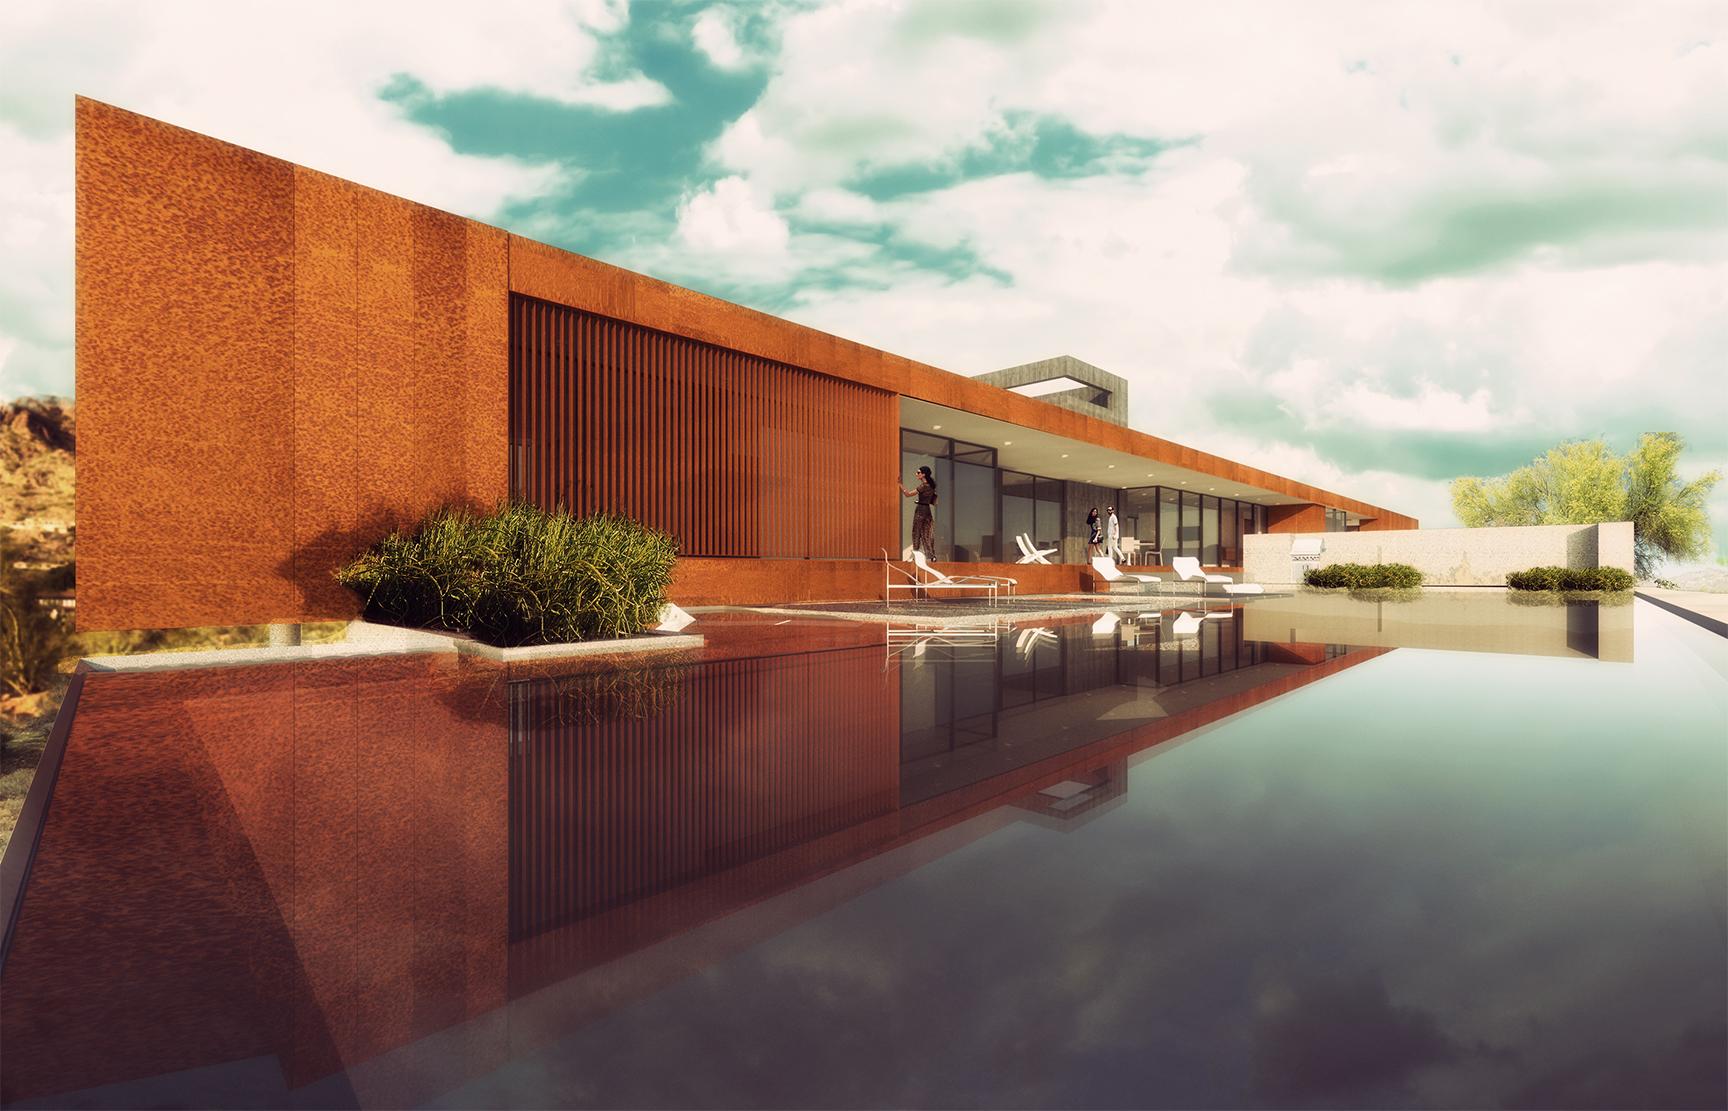 08 Desert Bridge Residence - Chen + Suchart Studio.jpg